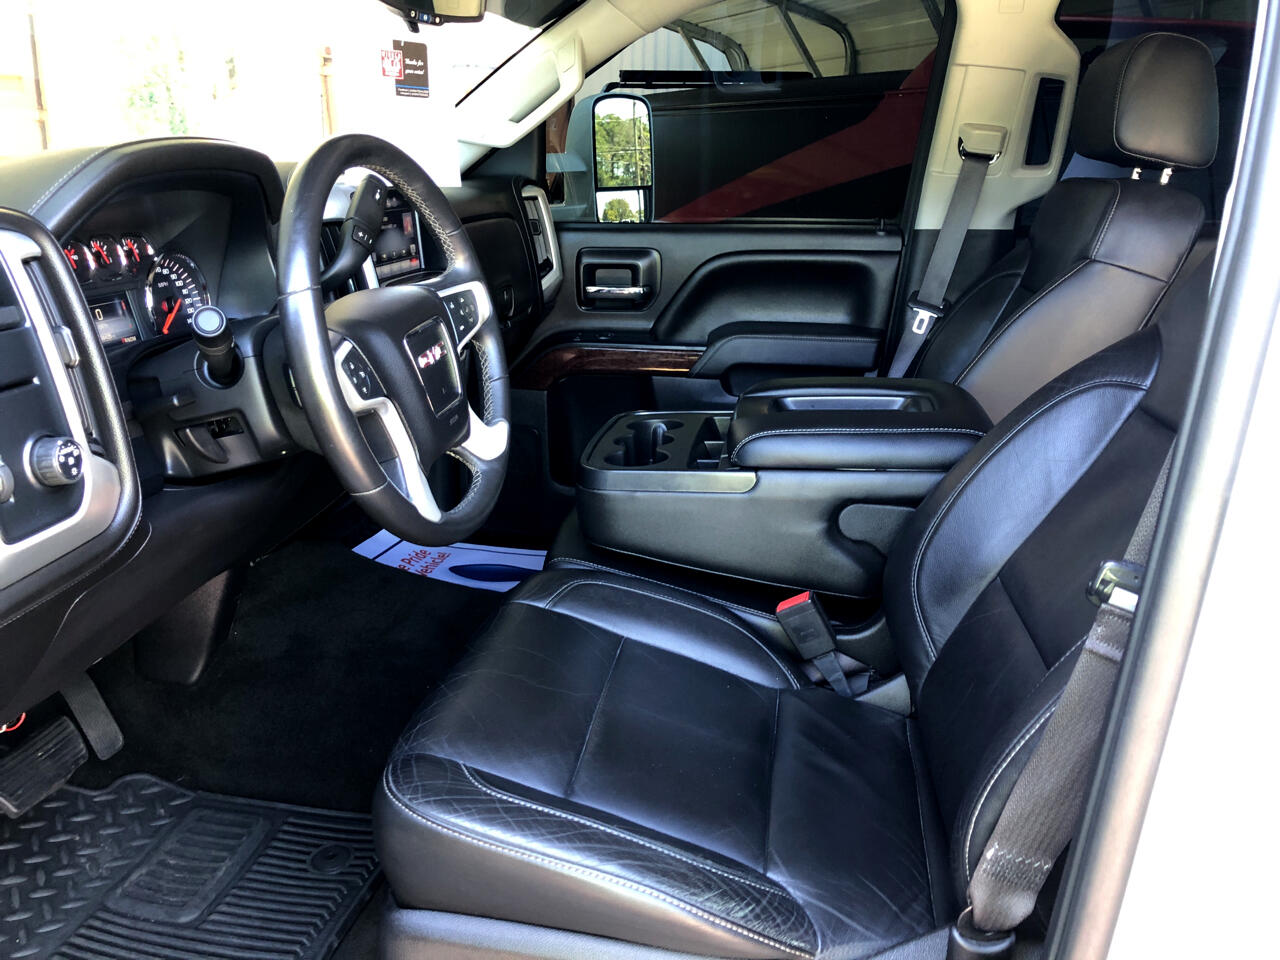 2014 GMC Sierra 1500 2WD Crew Cab 147